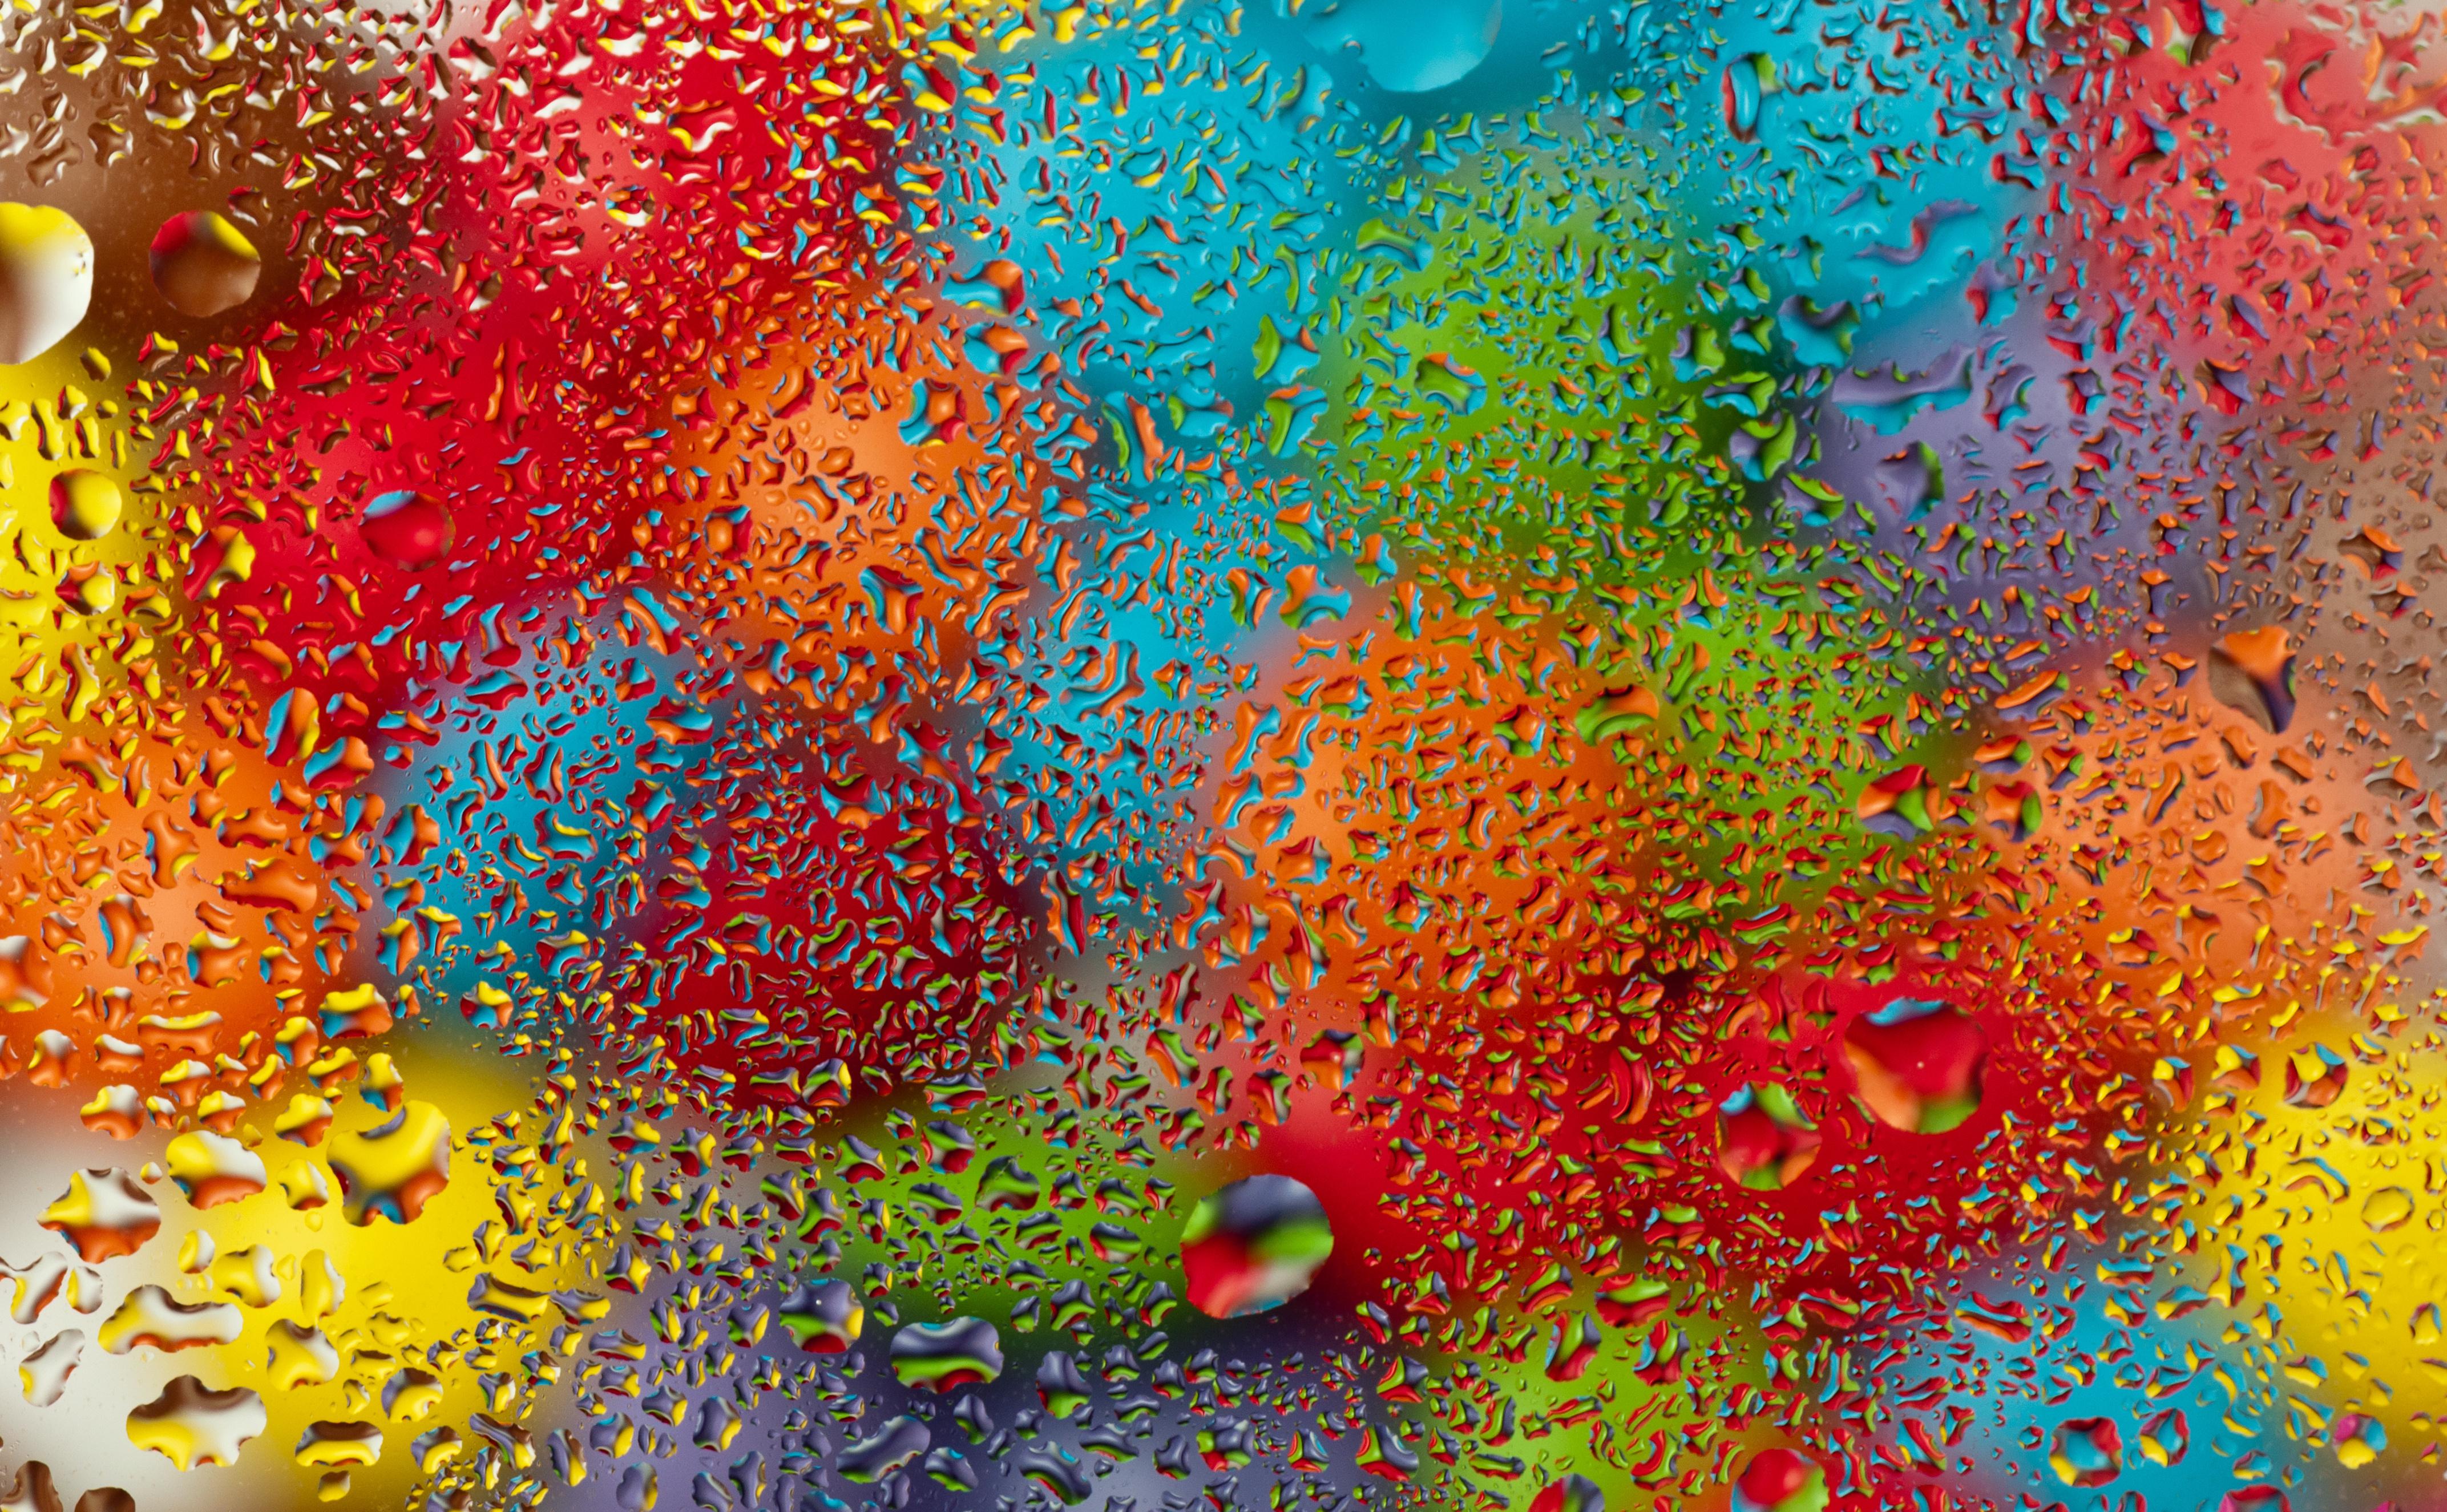 картинки цветные капли воды сделан утяжеленным стволом